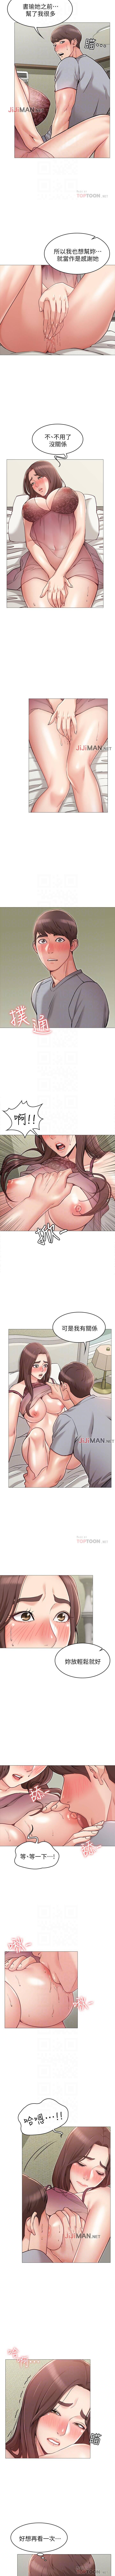 【周六连载】女友的姐姐(作者:橡果人&獵狗) 第1~23话 28